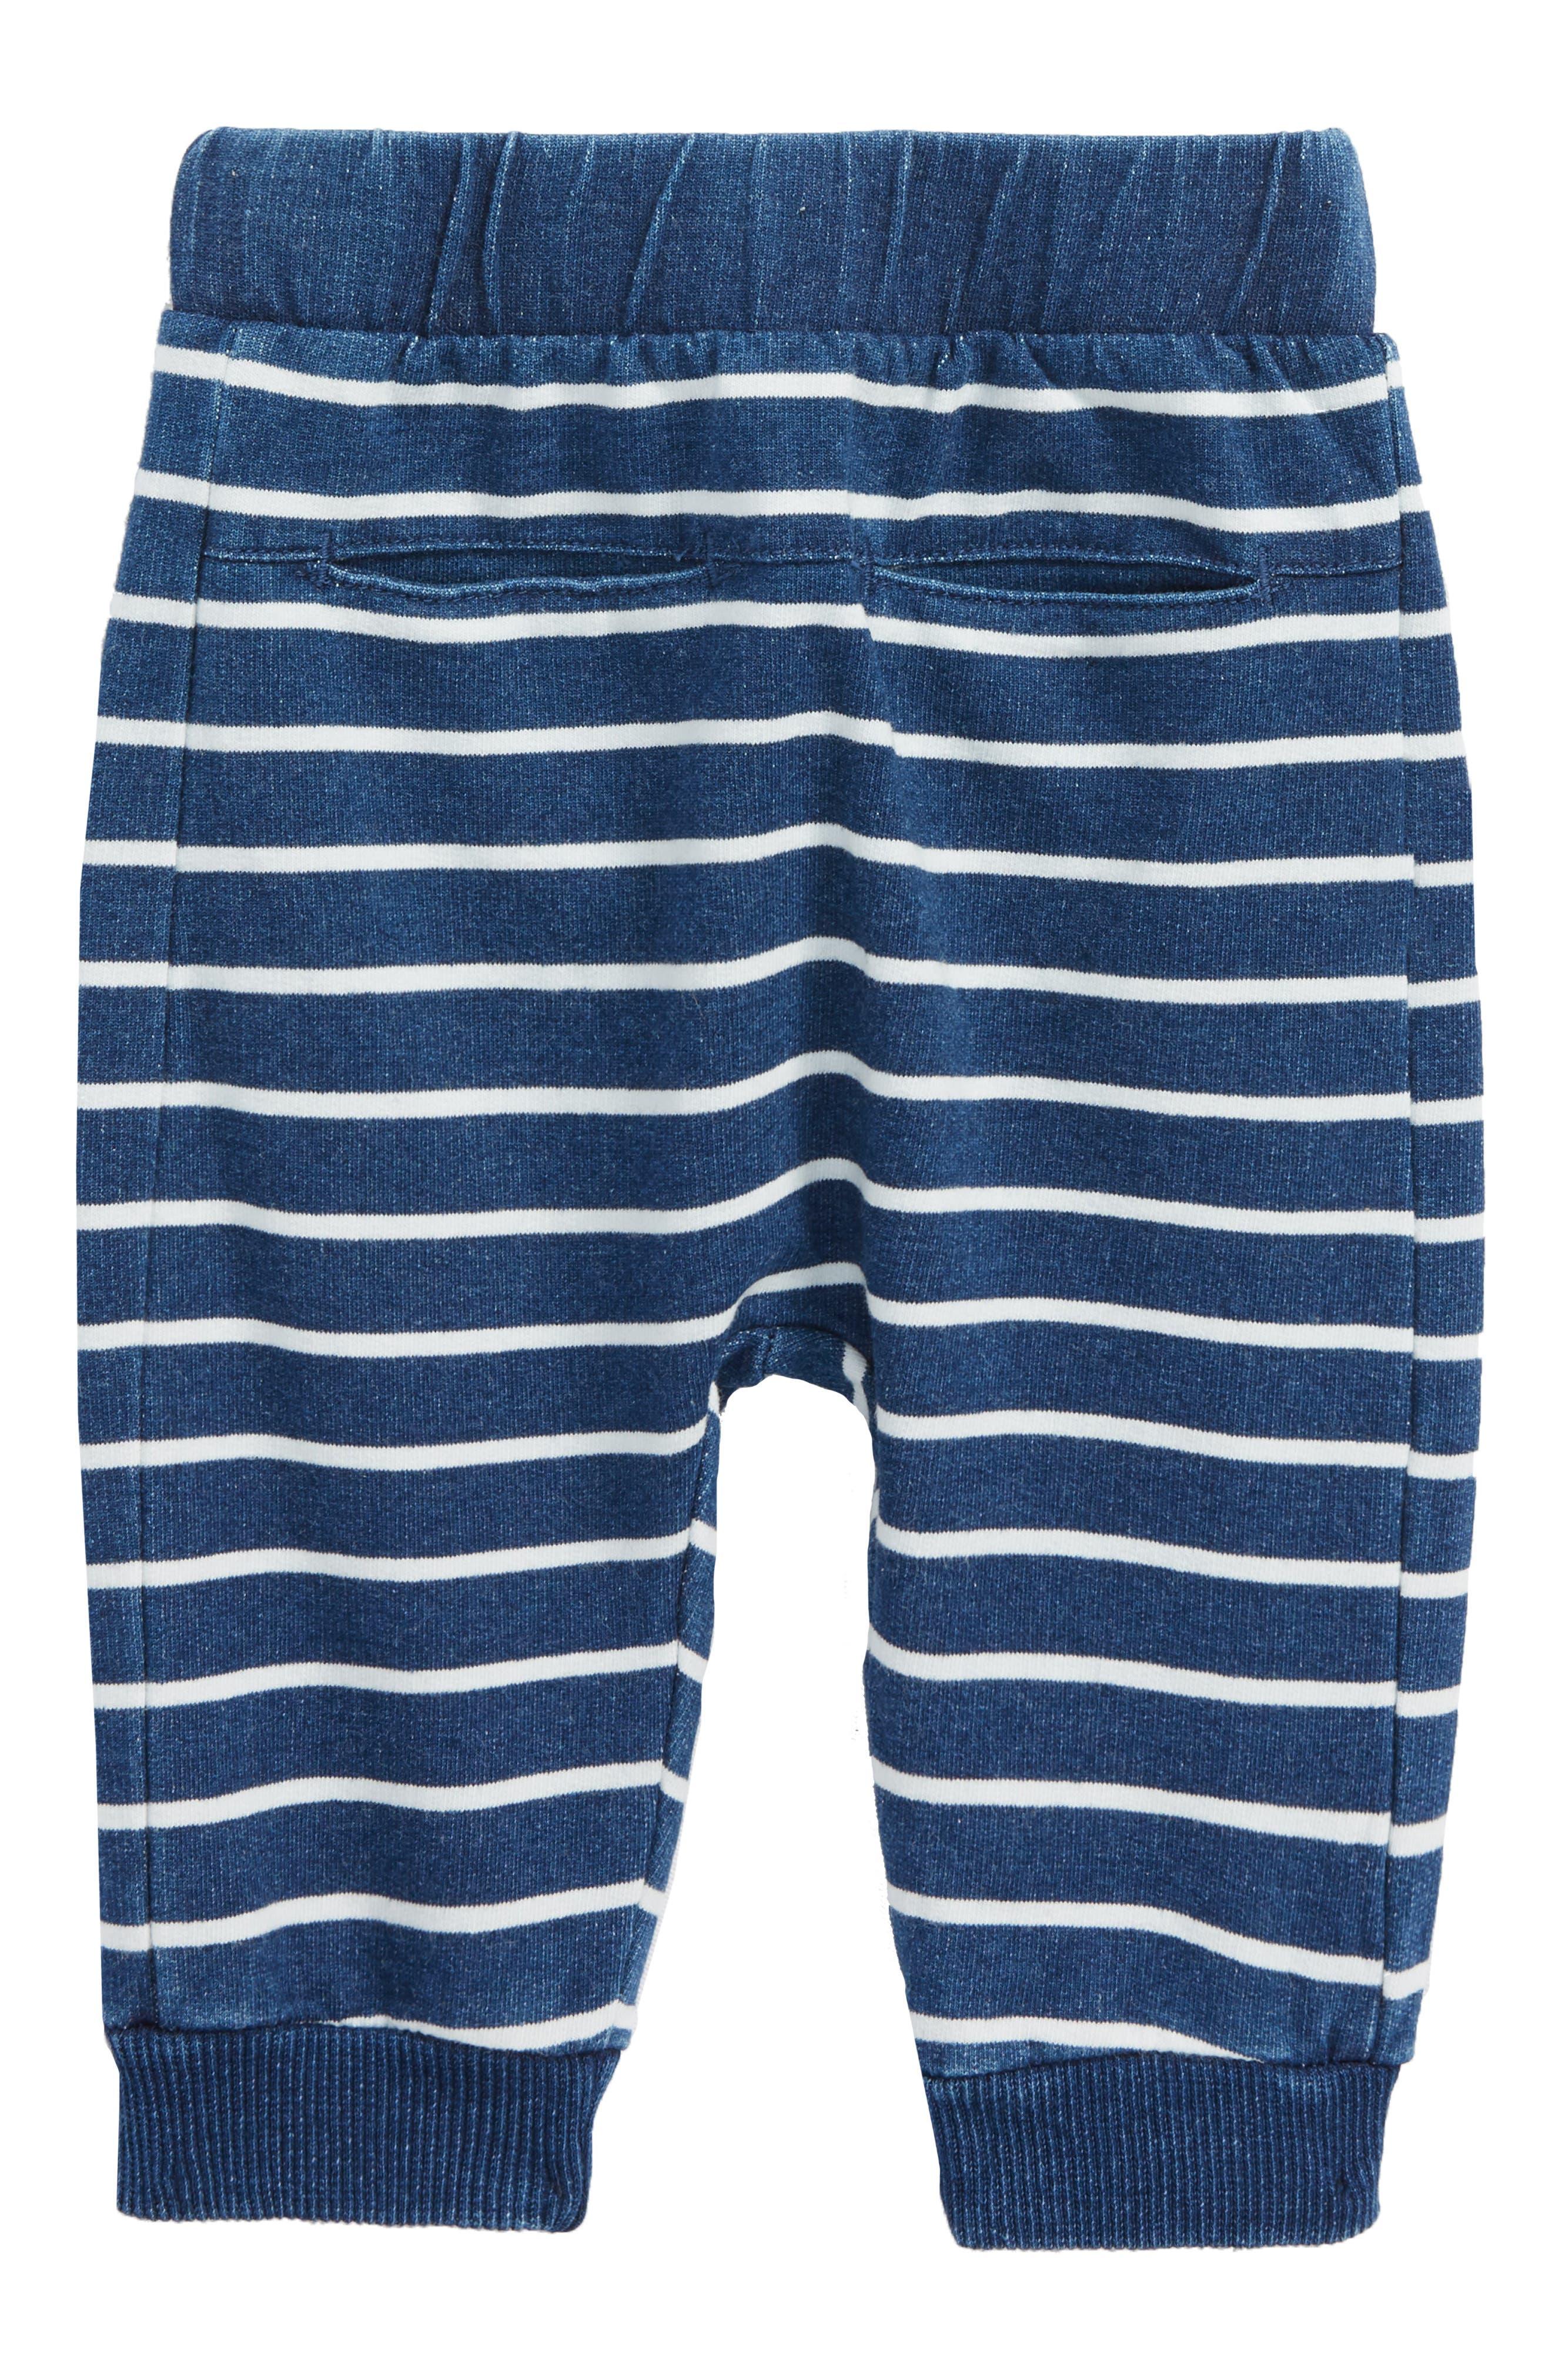 Stripe Pants,                         Main,                         color, Blue Denim